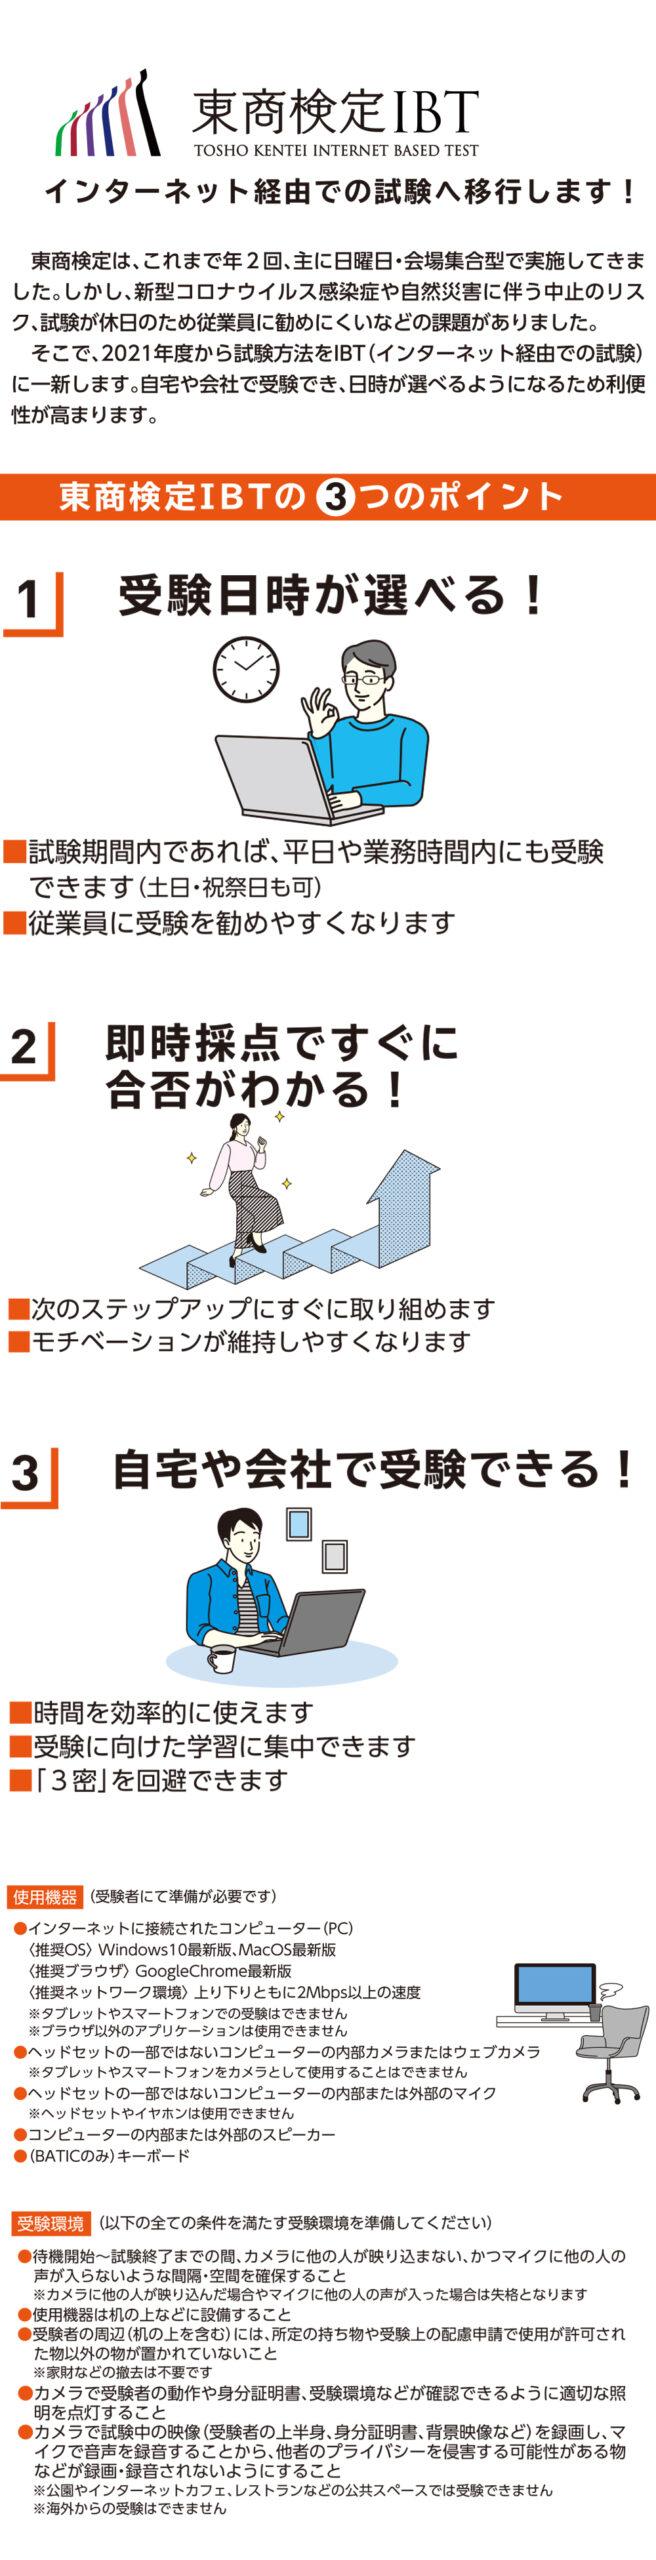 東商検定IBT